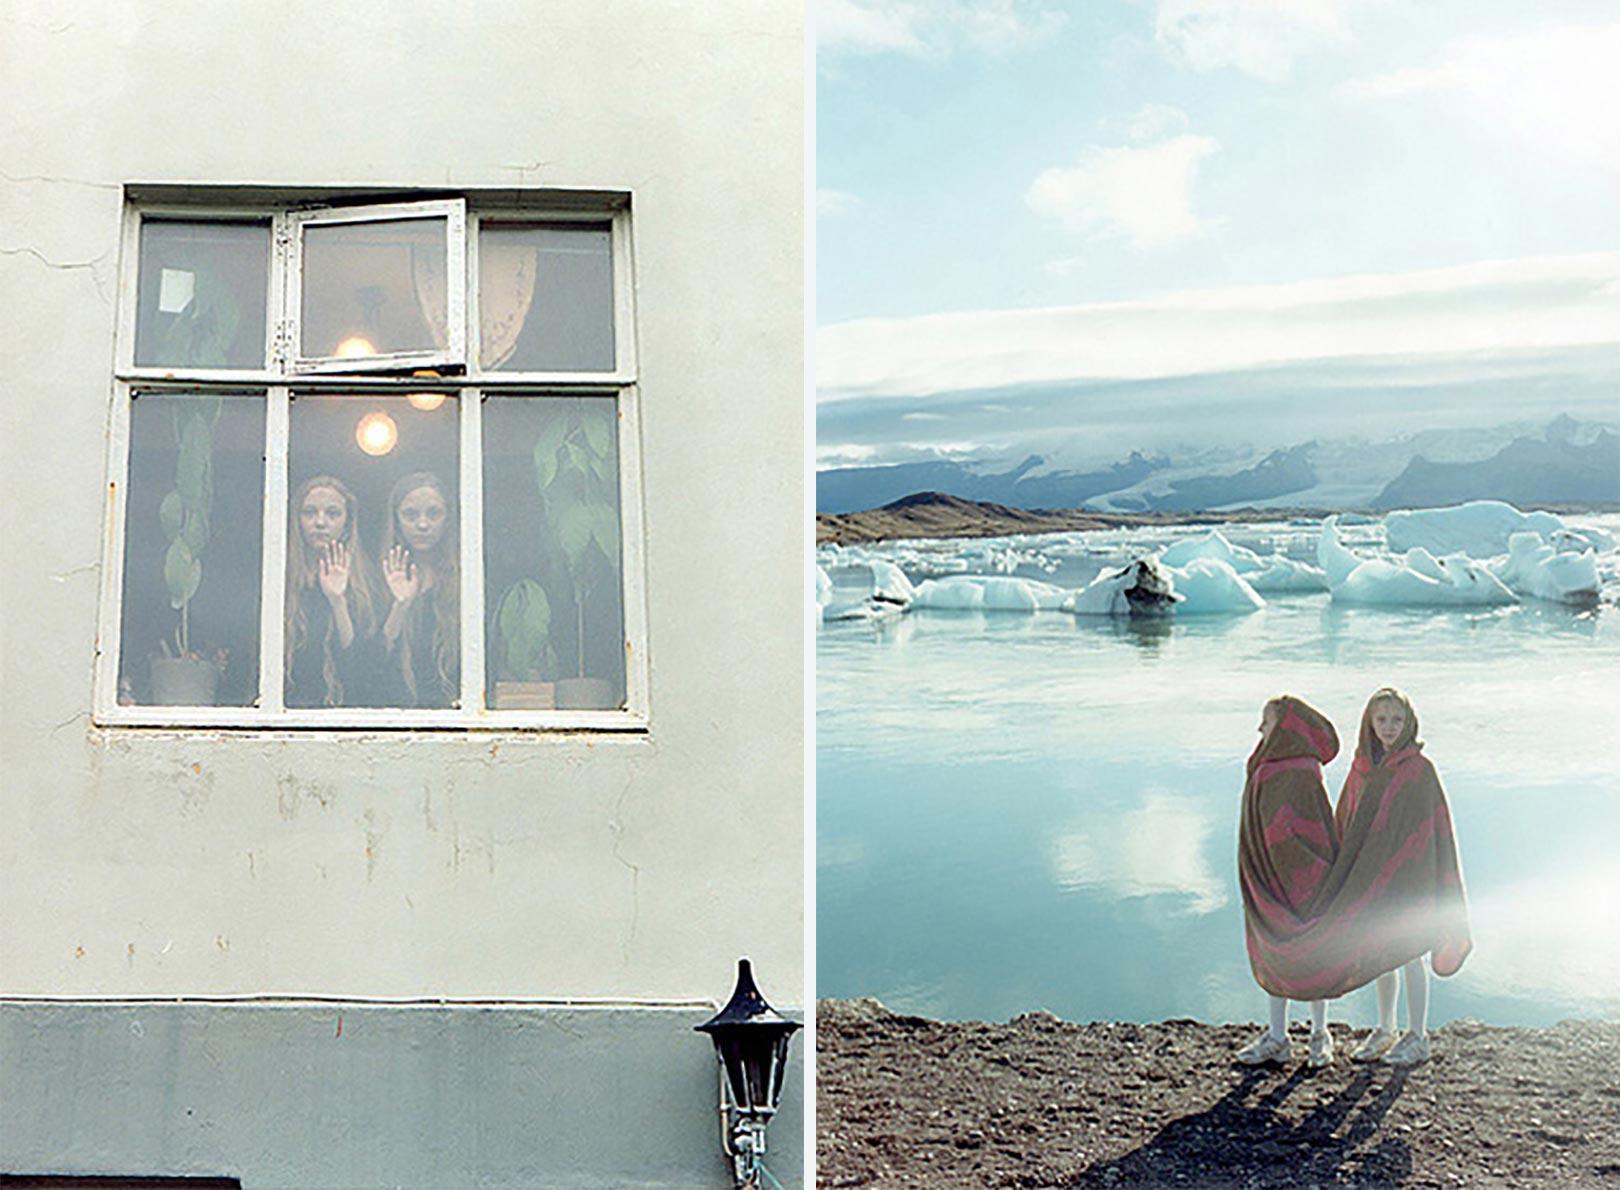 Sueños compartidos. Erna y Hrefna, por Ariko Inaoka - 2012-2013 1